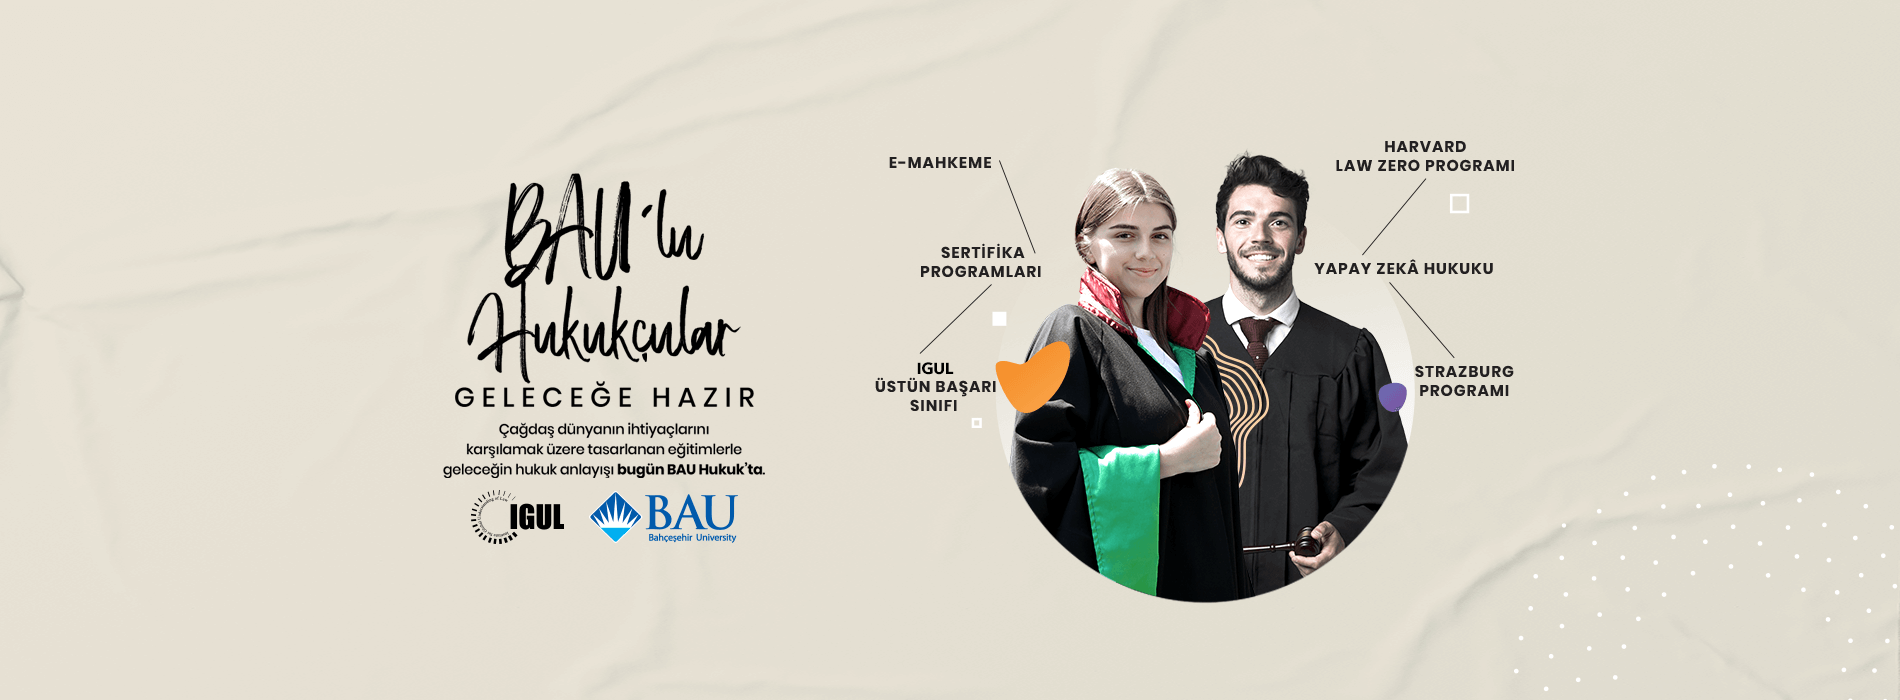 BAU'lu Hukukçular Geleceğe Hazır